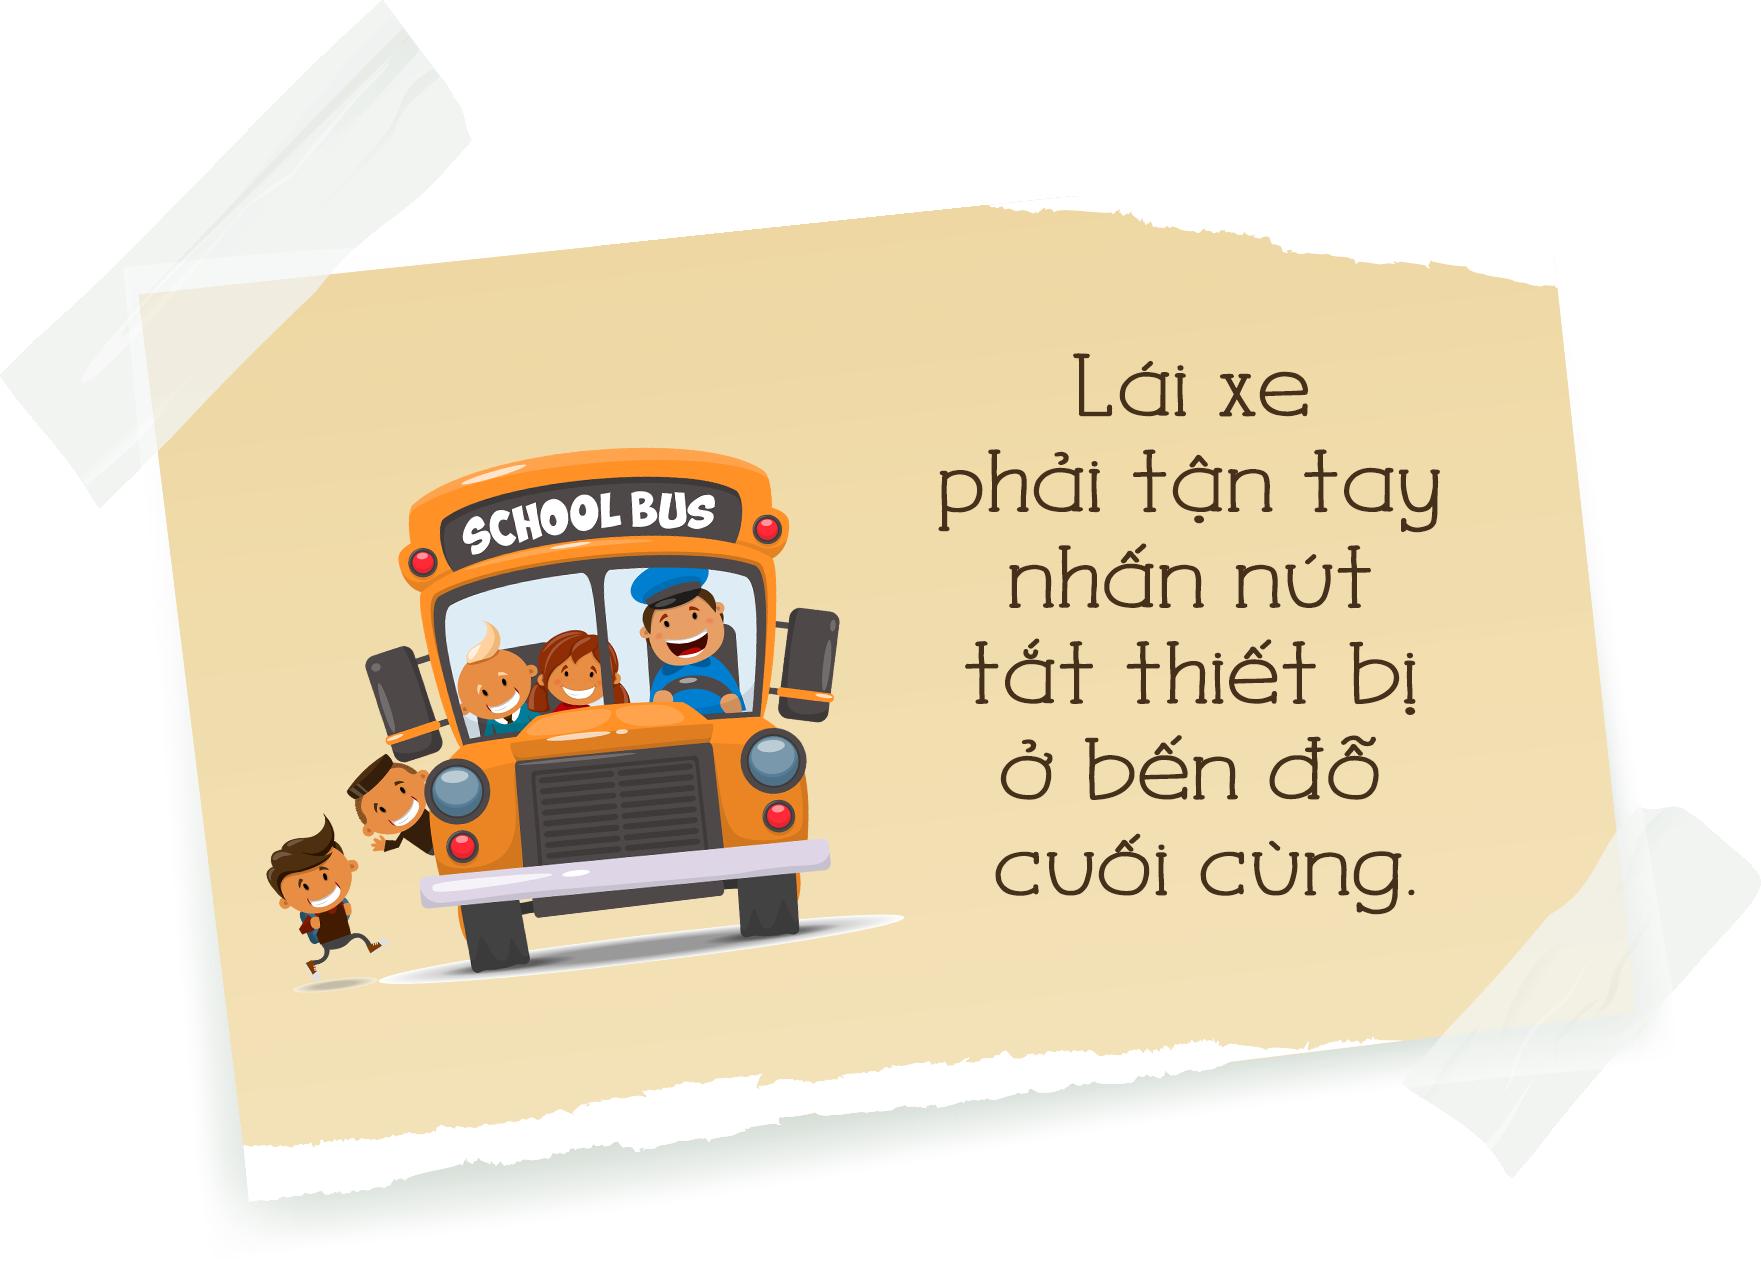 [E] Các quy định về xe đưa đón học sinh trên thế giới: Phương tiện ưu tiên quốc gia  - Ảnh 4